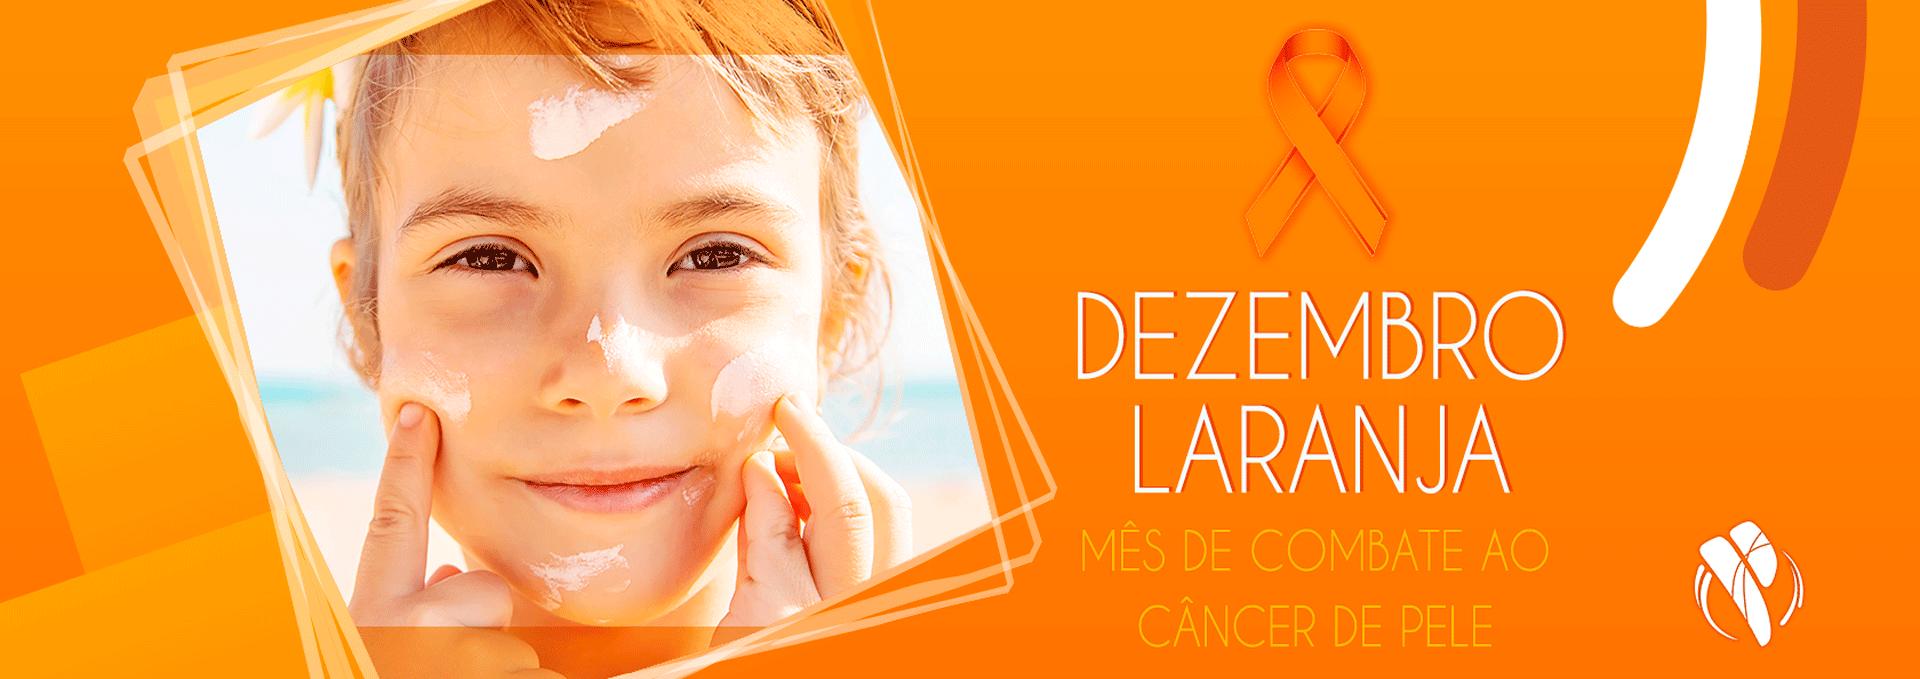 Dezembro Laranja - Prevenção contra o câncer de pele